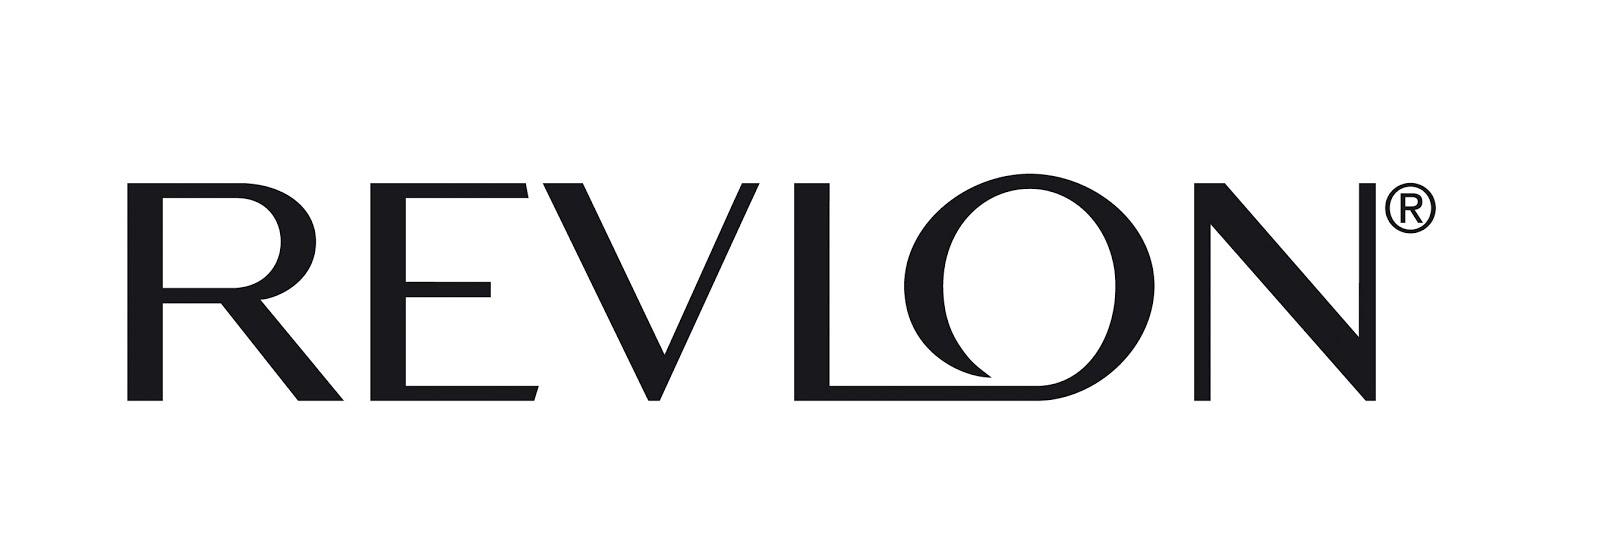 logo logo 标志 设计 矢量 矢量图 素材 图标 1600_545